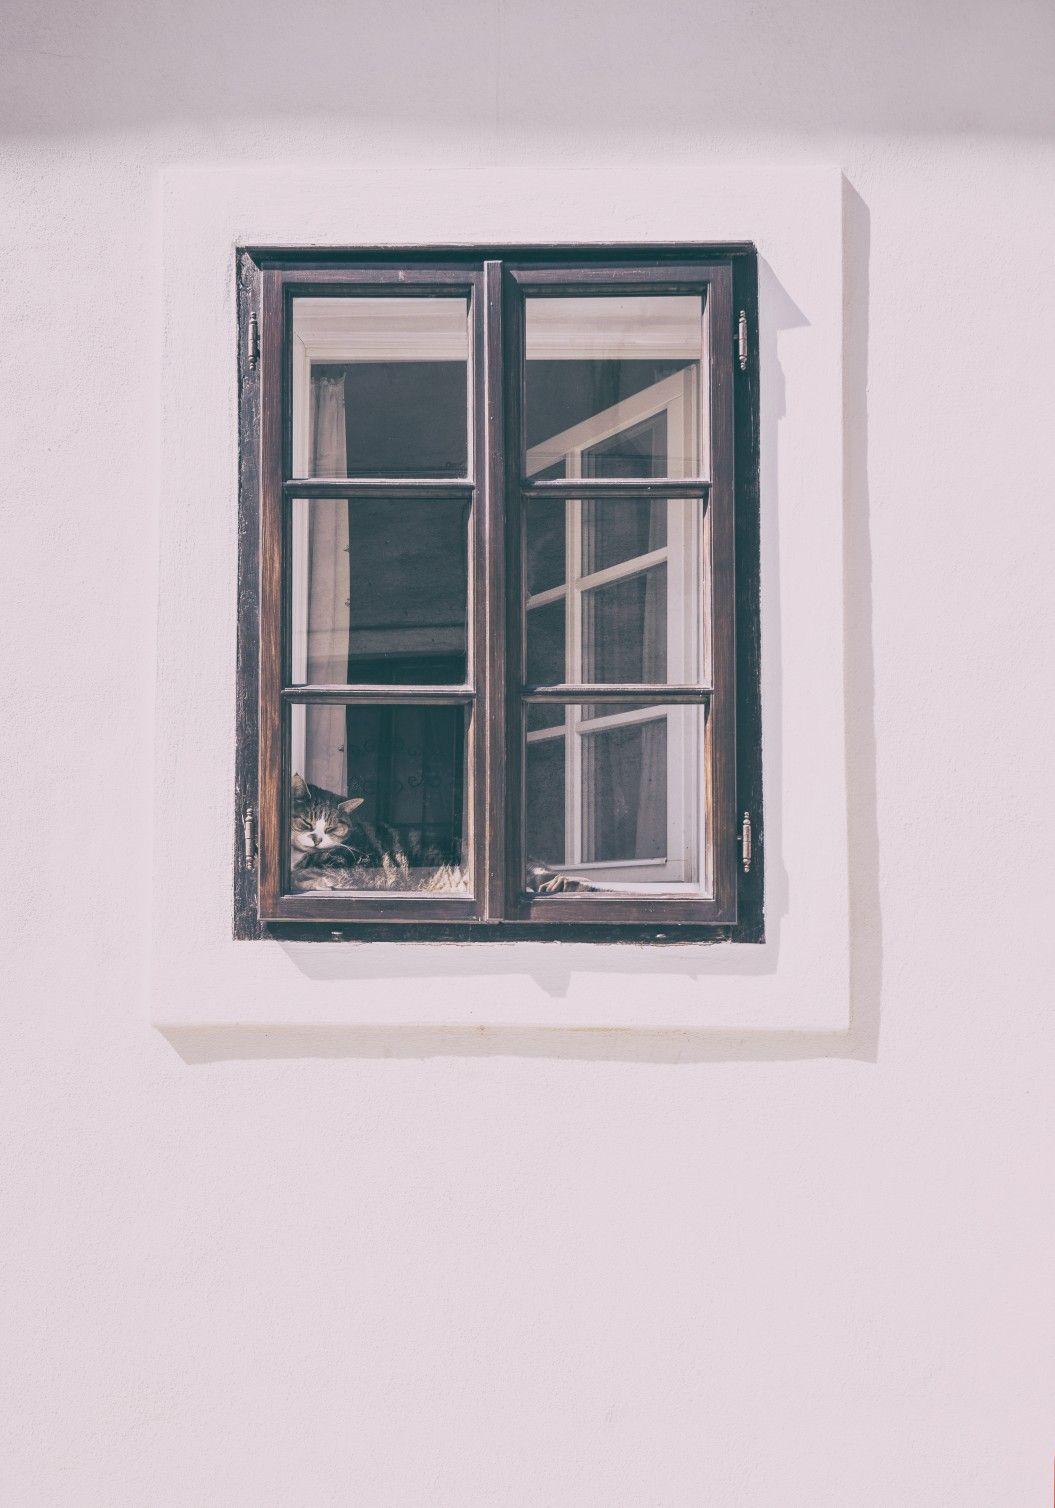 Beautiful Einfache Dekoration Und Mobel Moderne Fenster Energiesparend Und Einbruchssicher #6: Fenster Mit Sprossen Sind Beliebt Und Modern. Glasteilende Sprossen, Wiener  Sprossen Und Innenliegende Sprossen